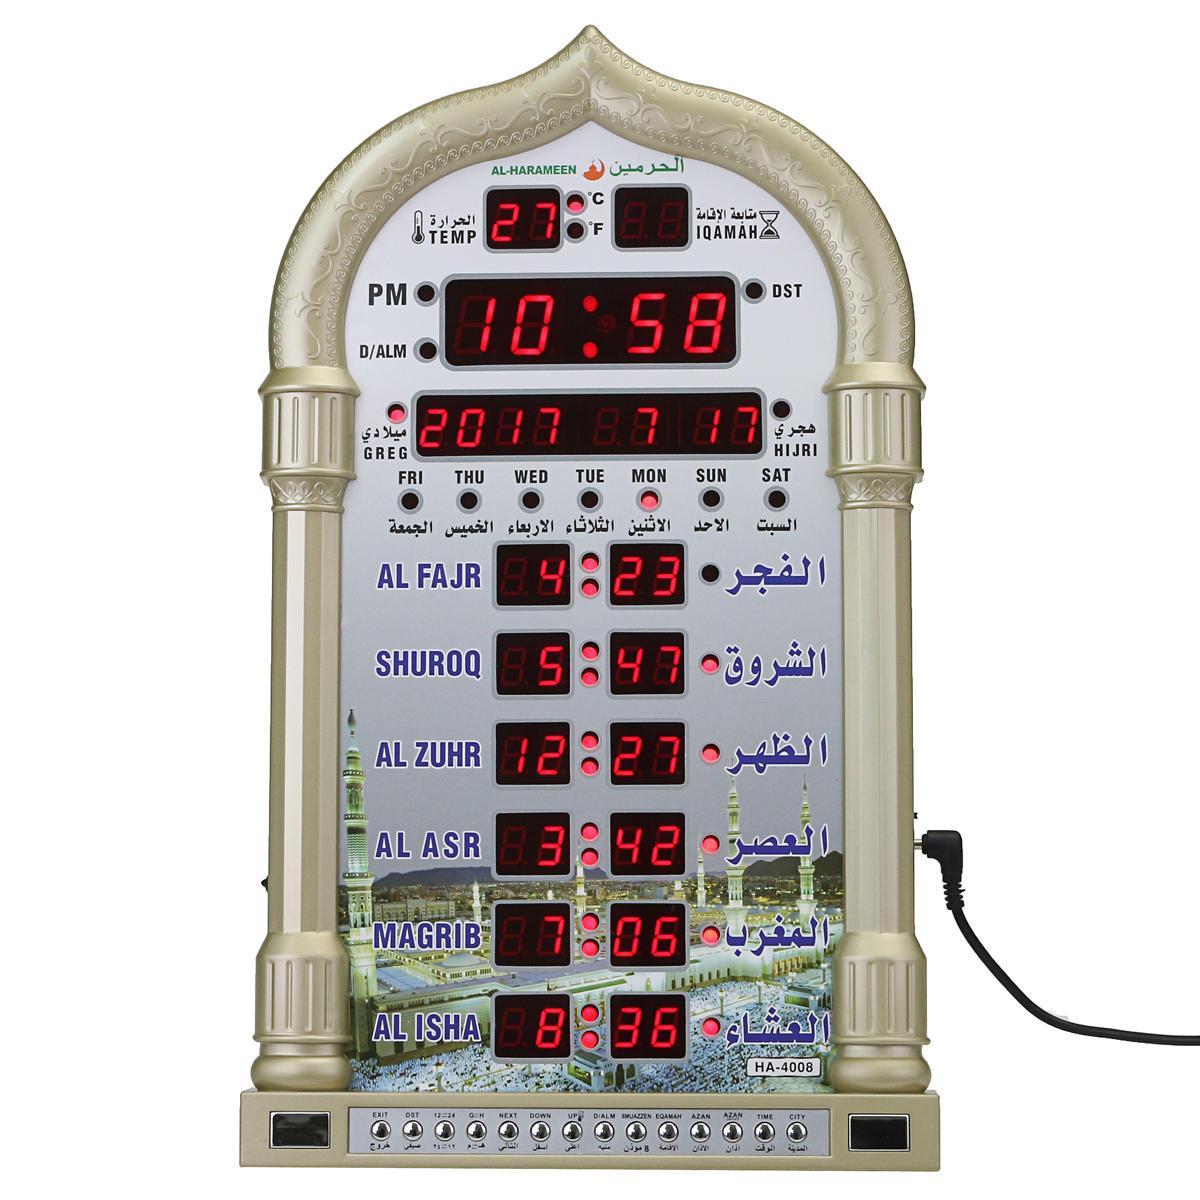 Muro de la mezquita Reloj Azan Alarm Reloj Al-Harameen Ramadan Gift